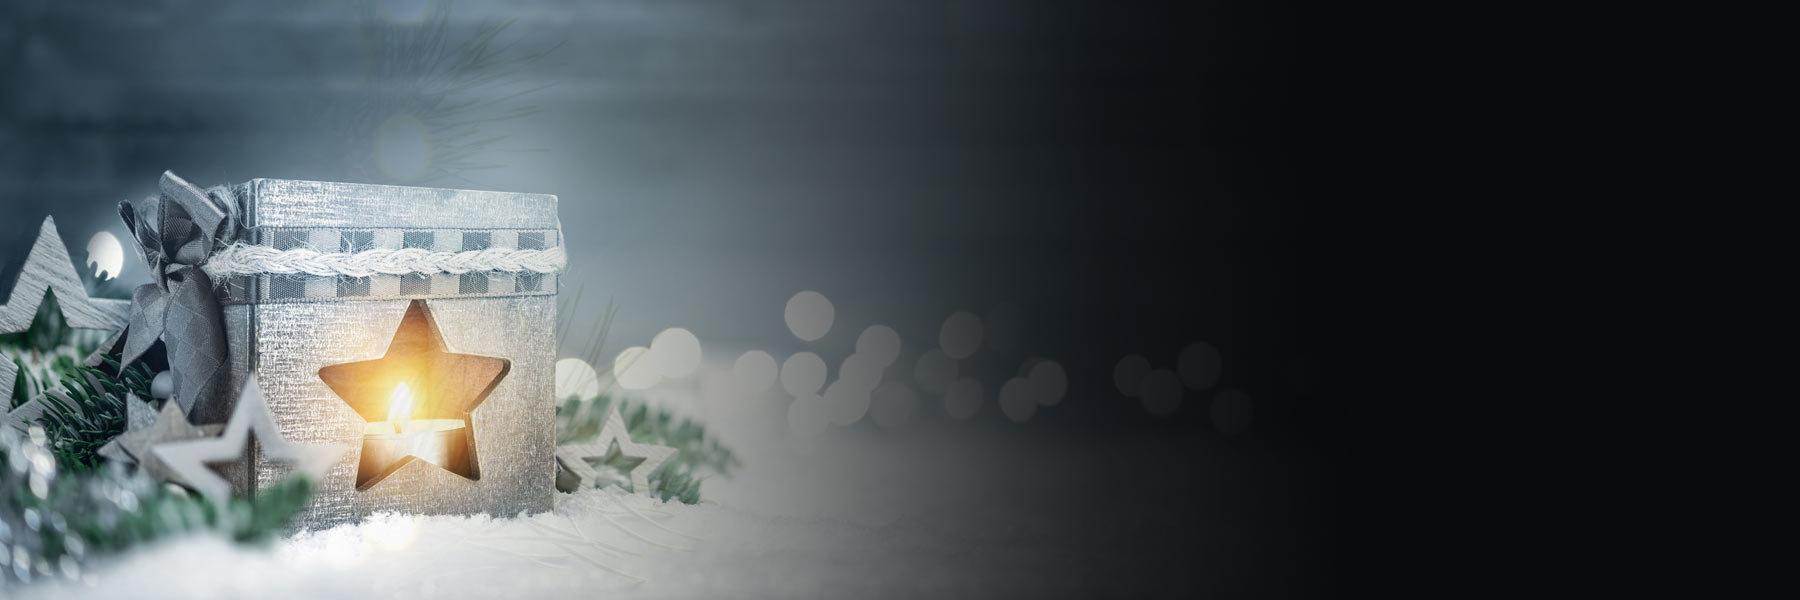 Christmas-Menu-Image.jpg